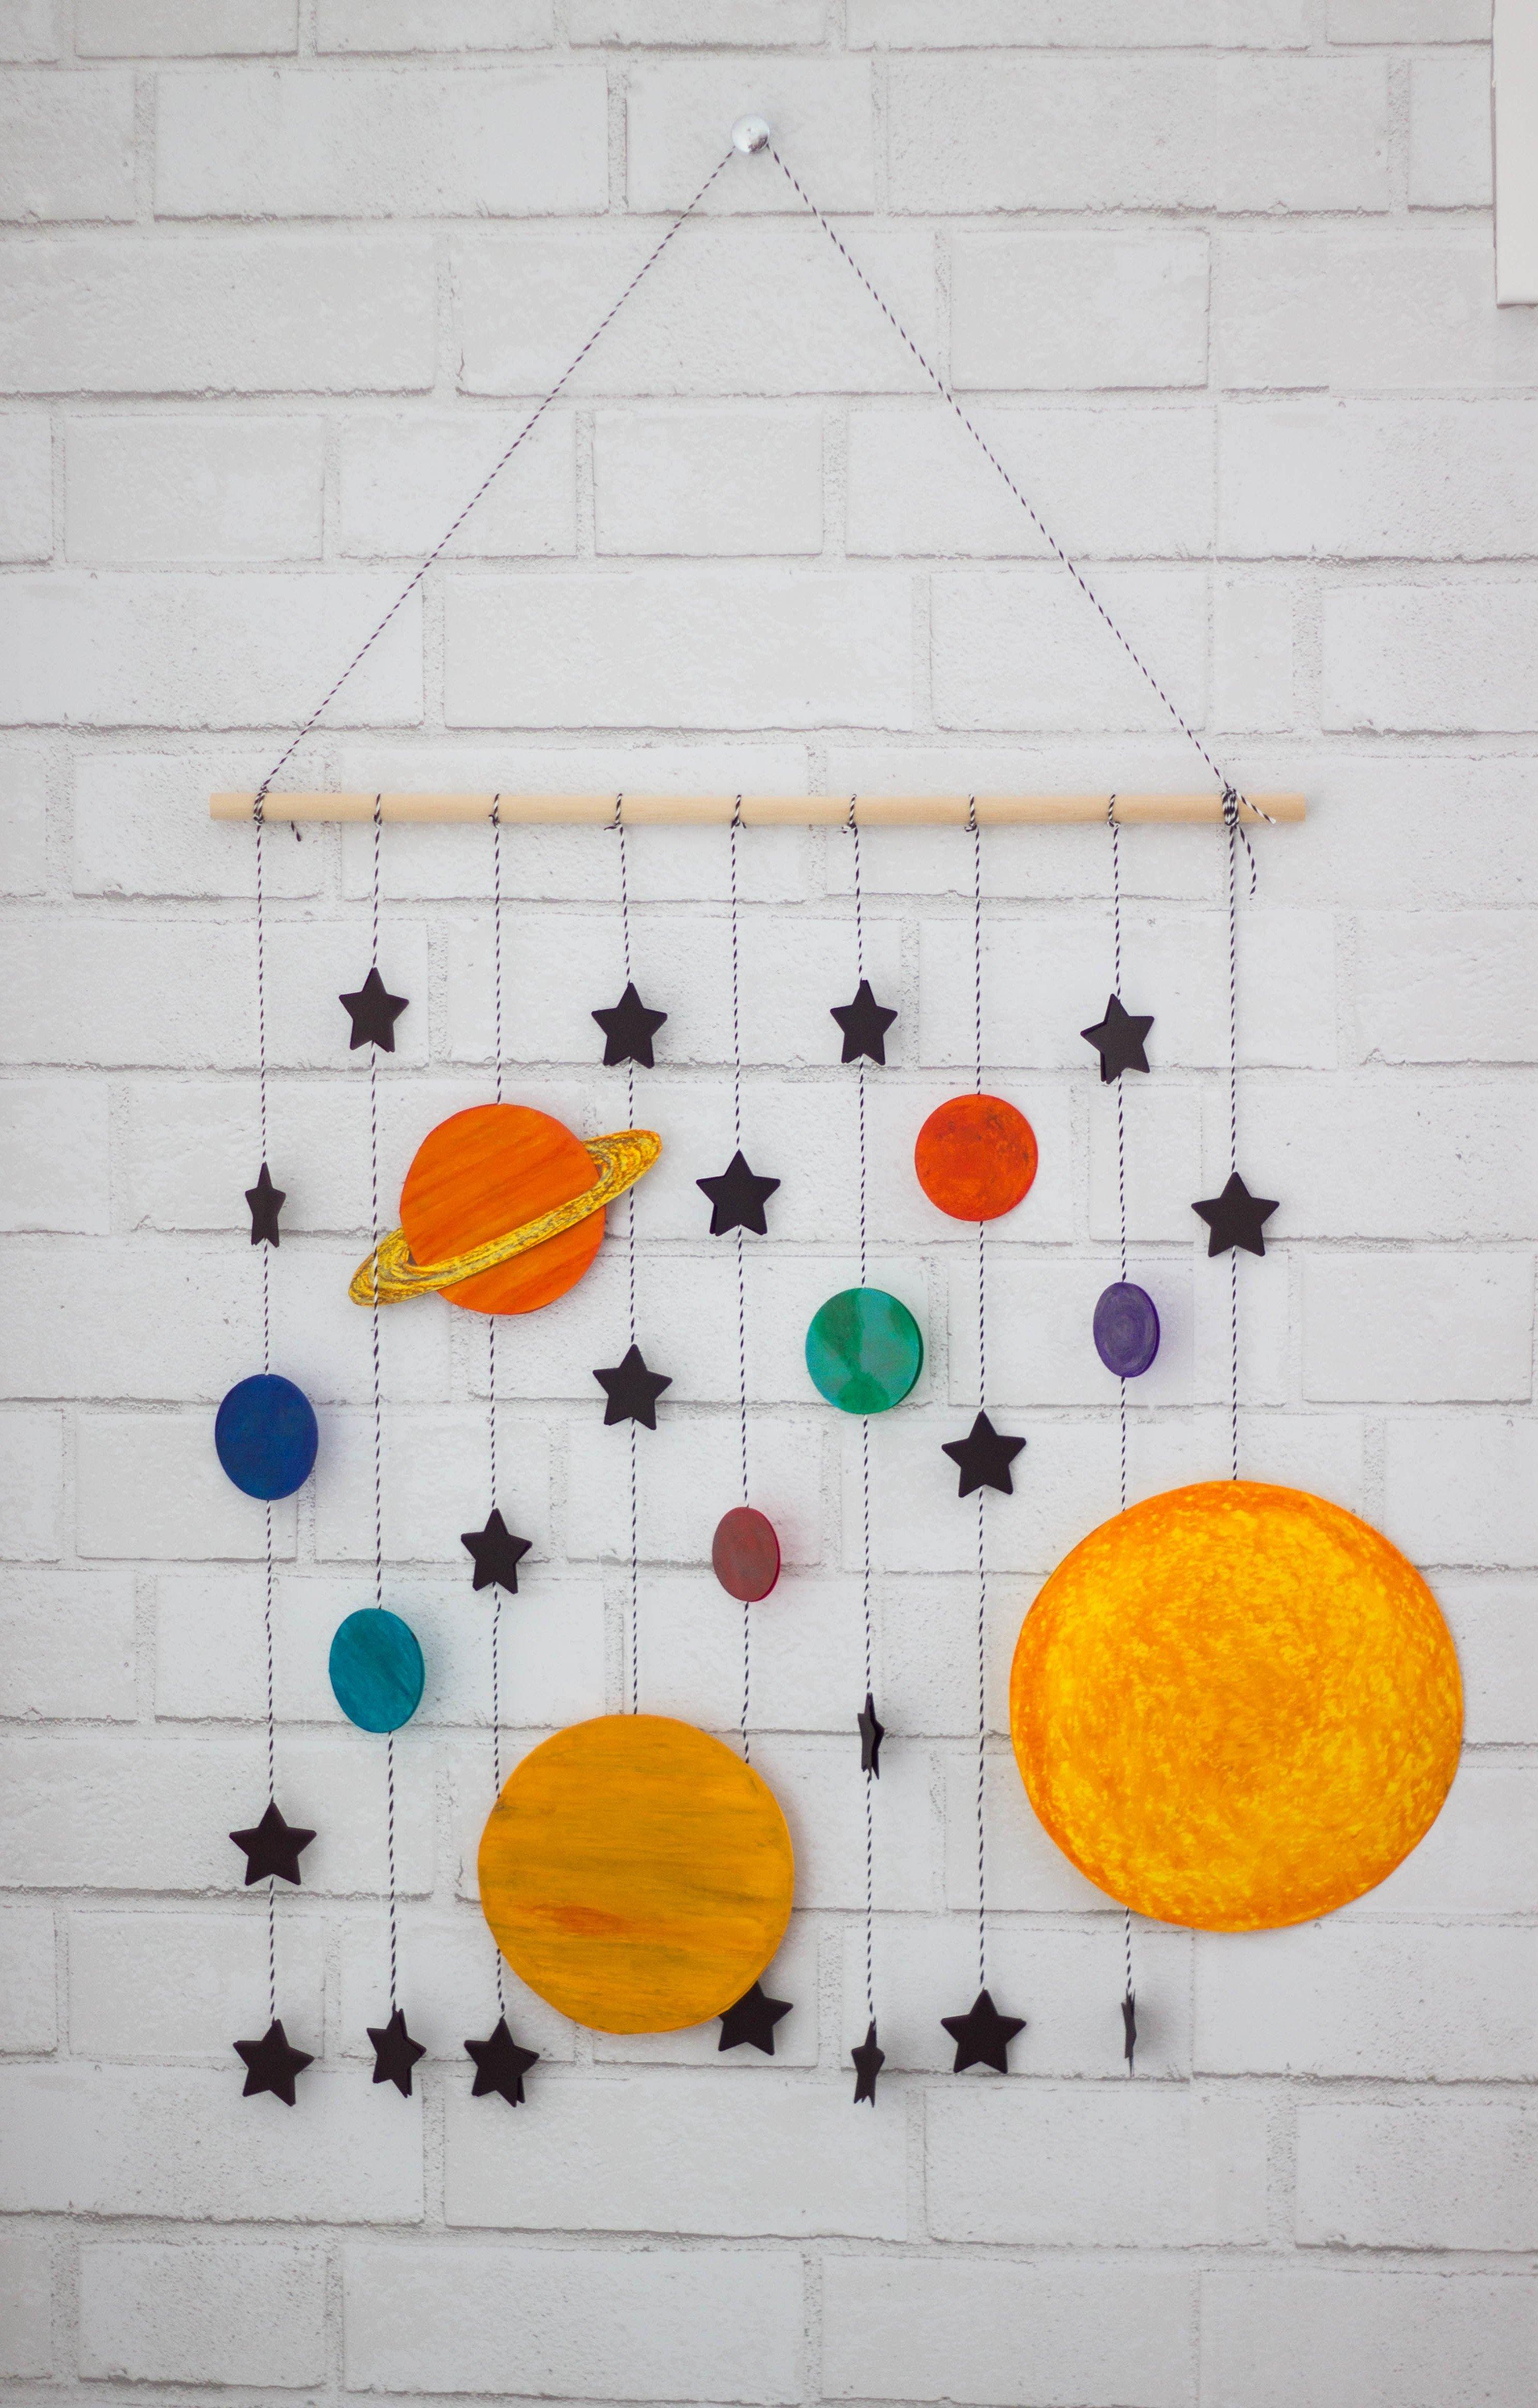 Weltall - Mobile mit Planeten und Sternen